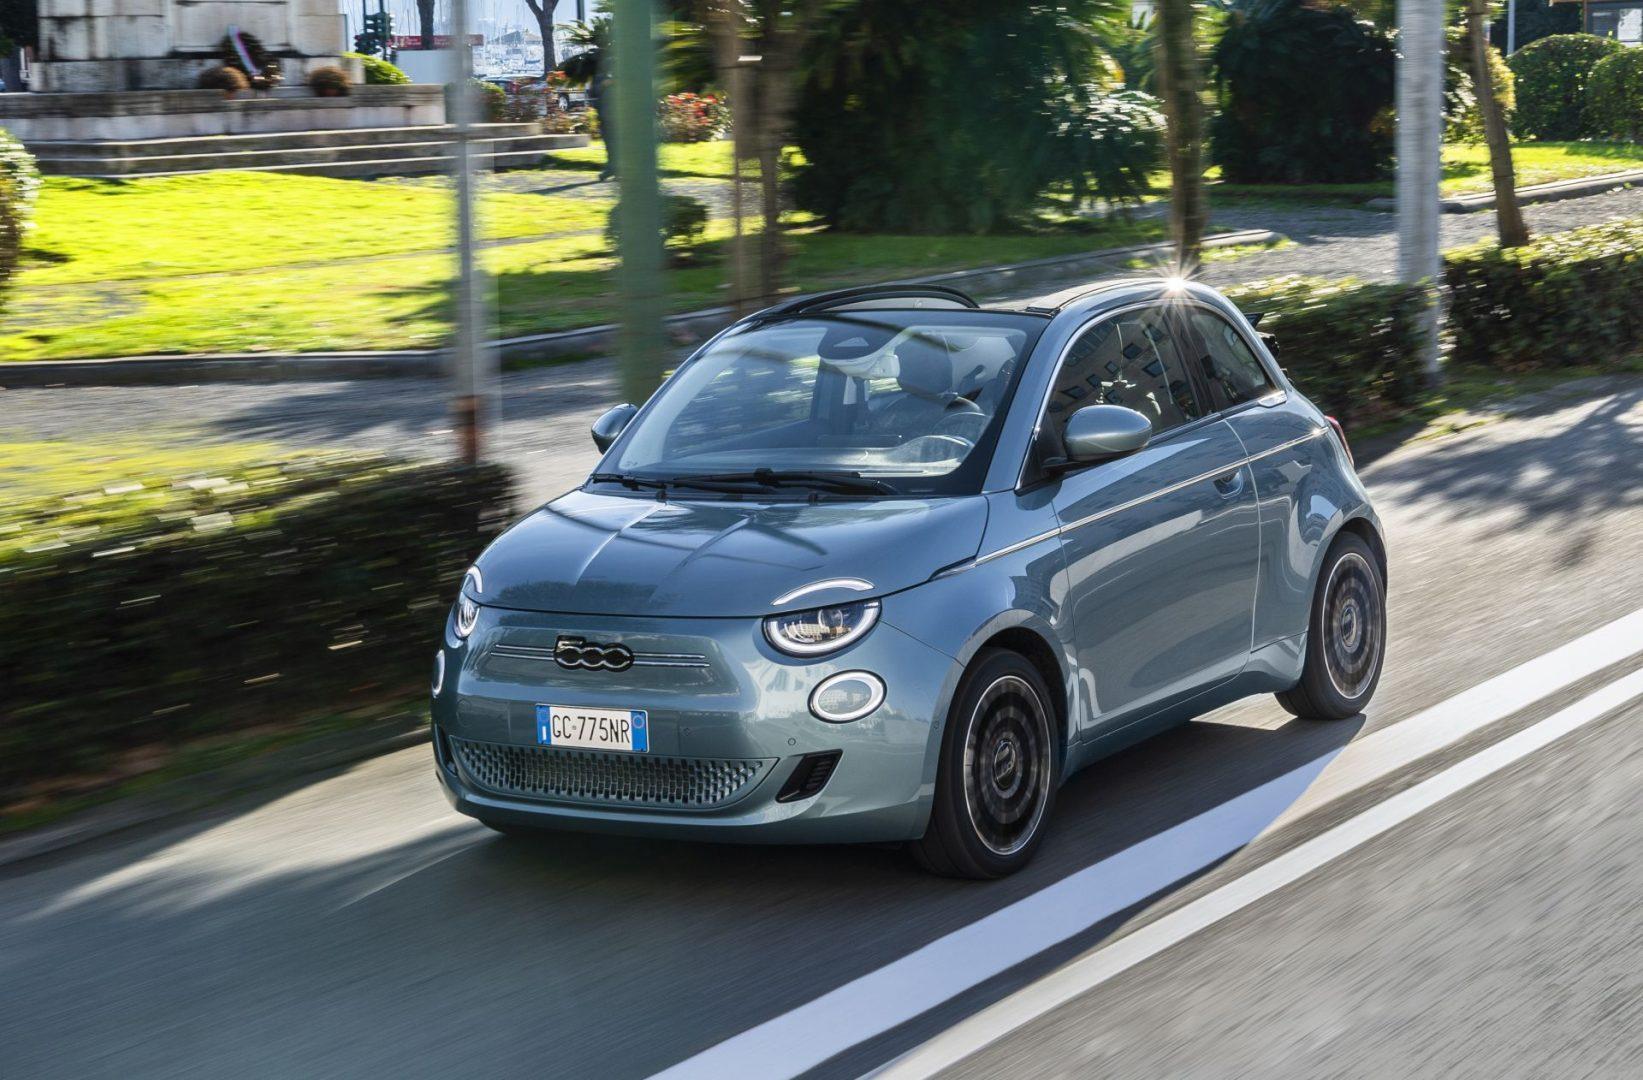 Fiat će do 2030. godine u ponudi imati samo električne modele